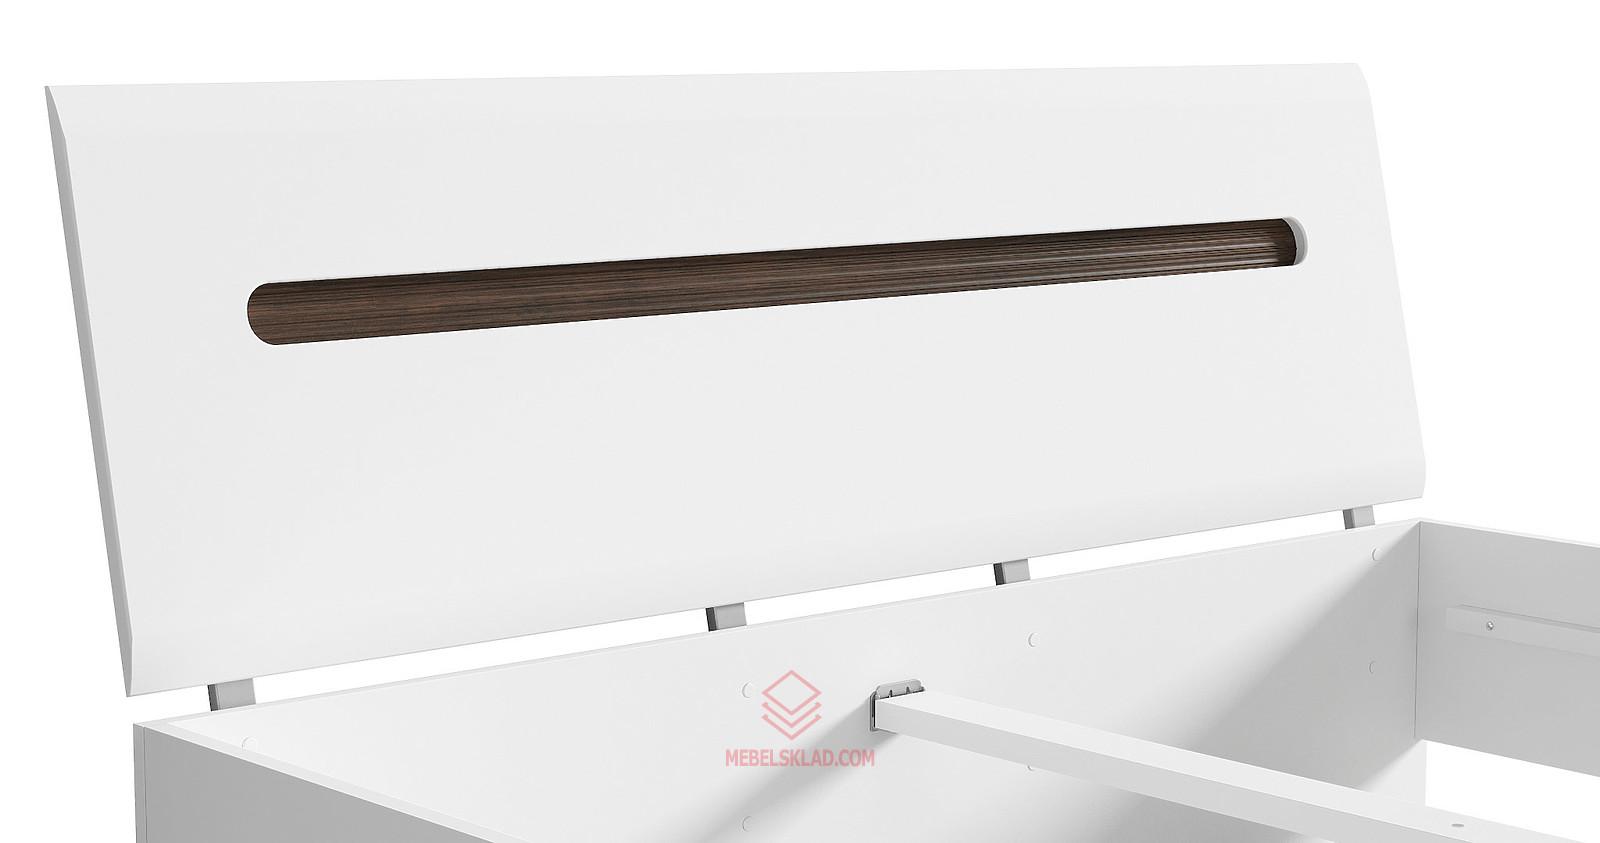 AZTECA Кровать LOZ160x200 белый за 24429 ₽